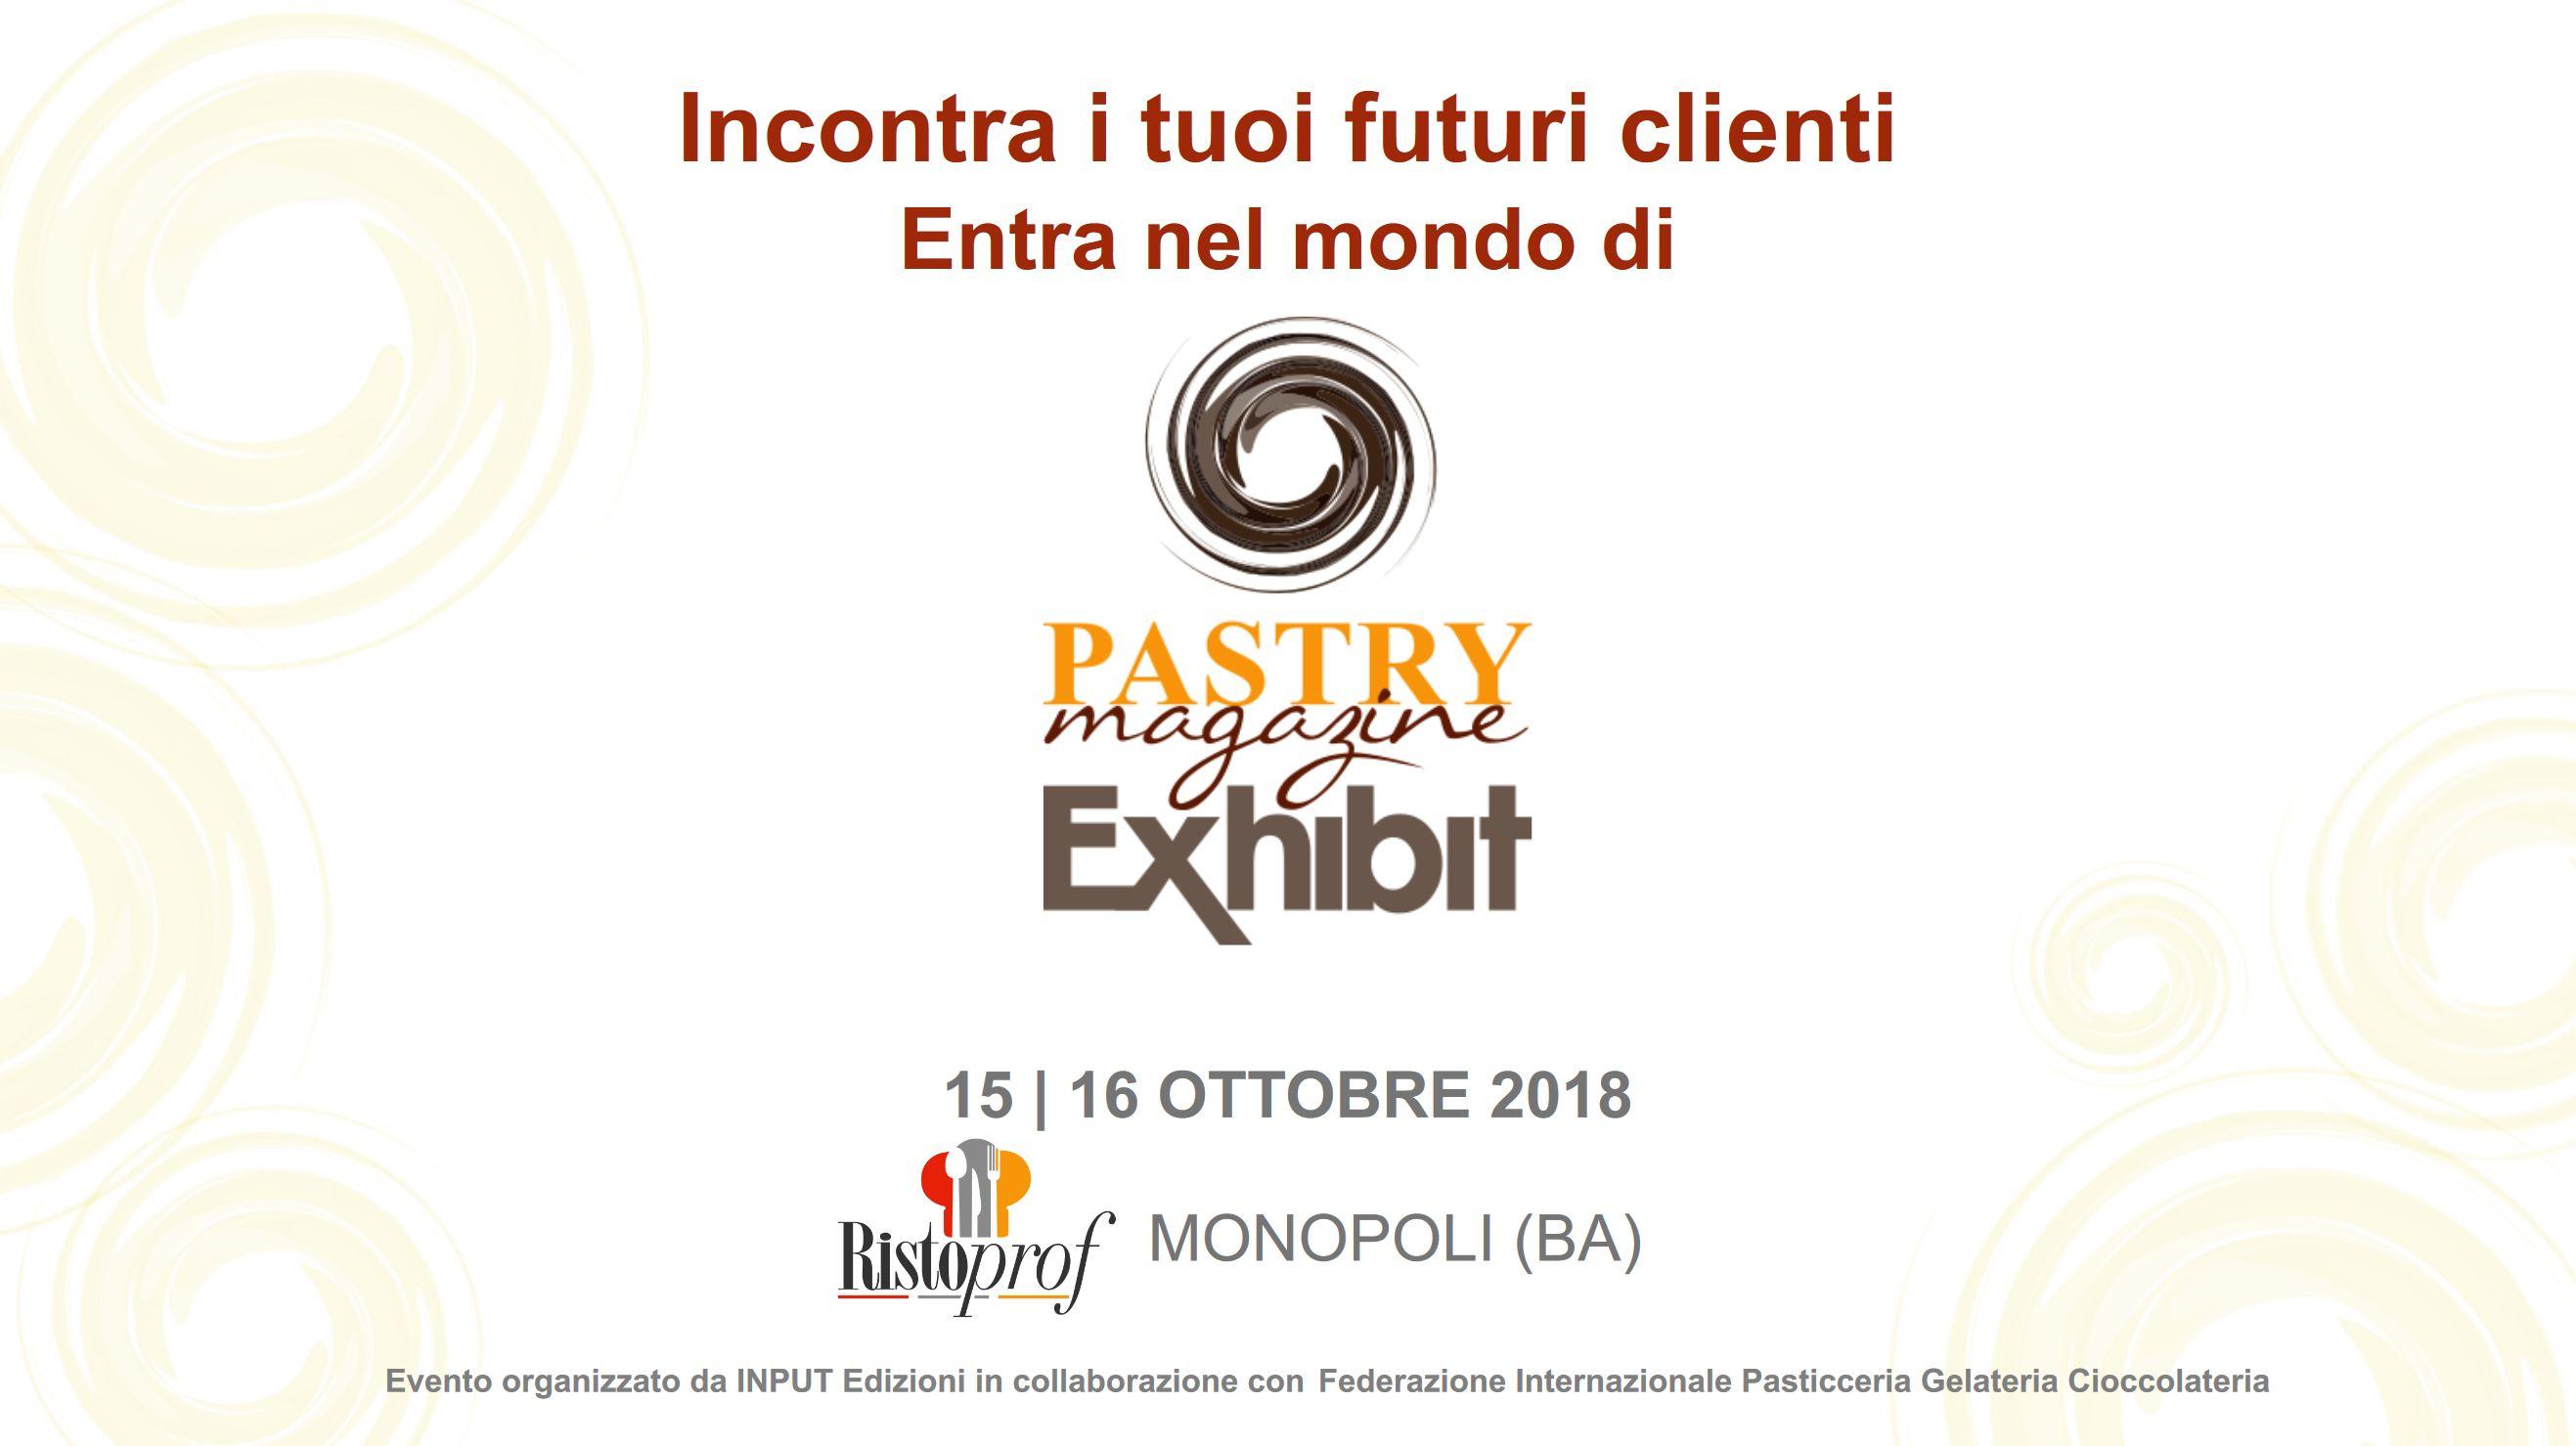 Pastry Magazine Exhibit Monopoli